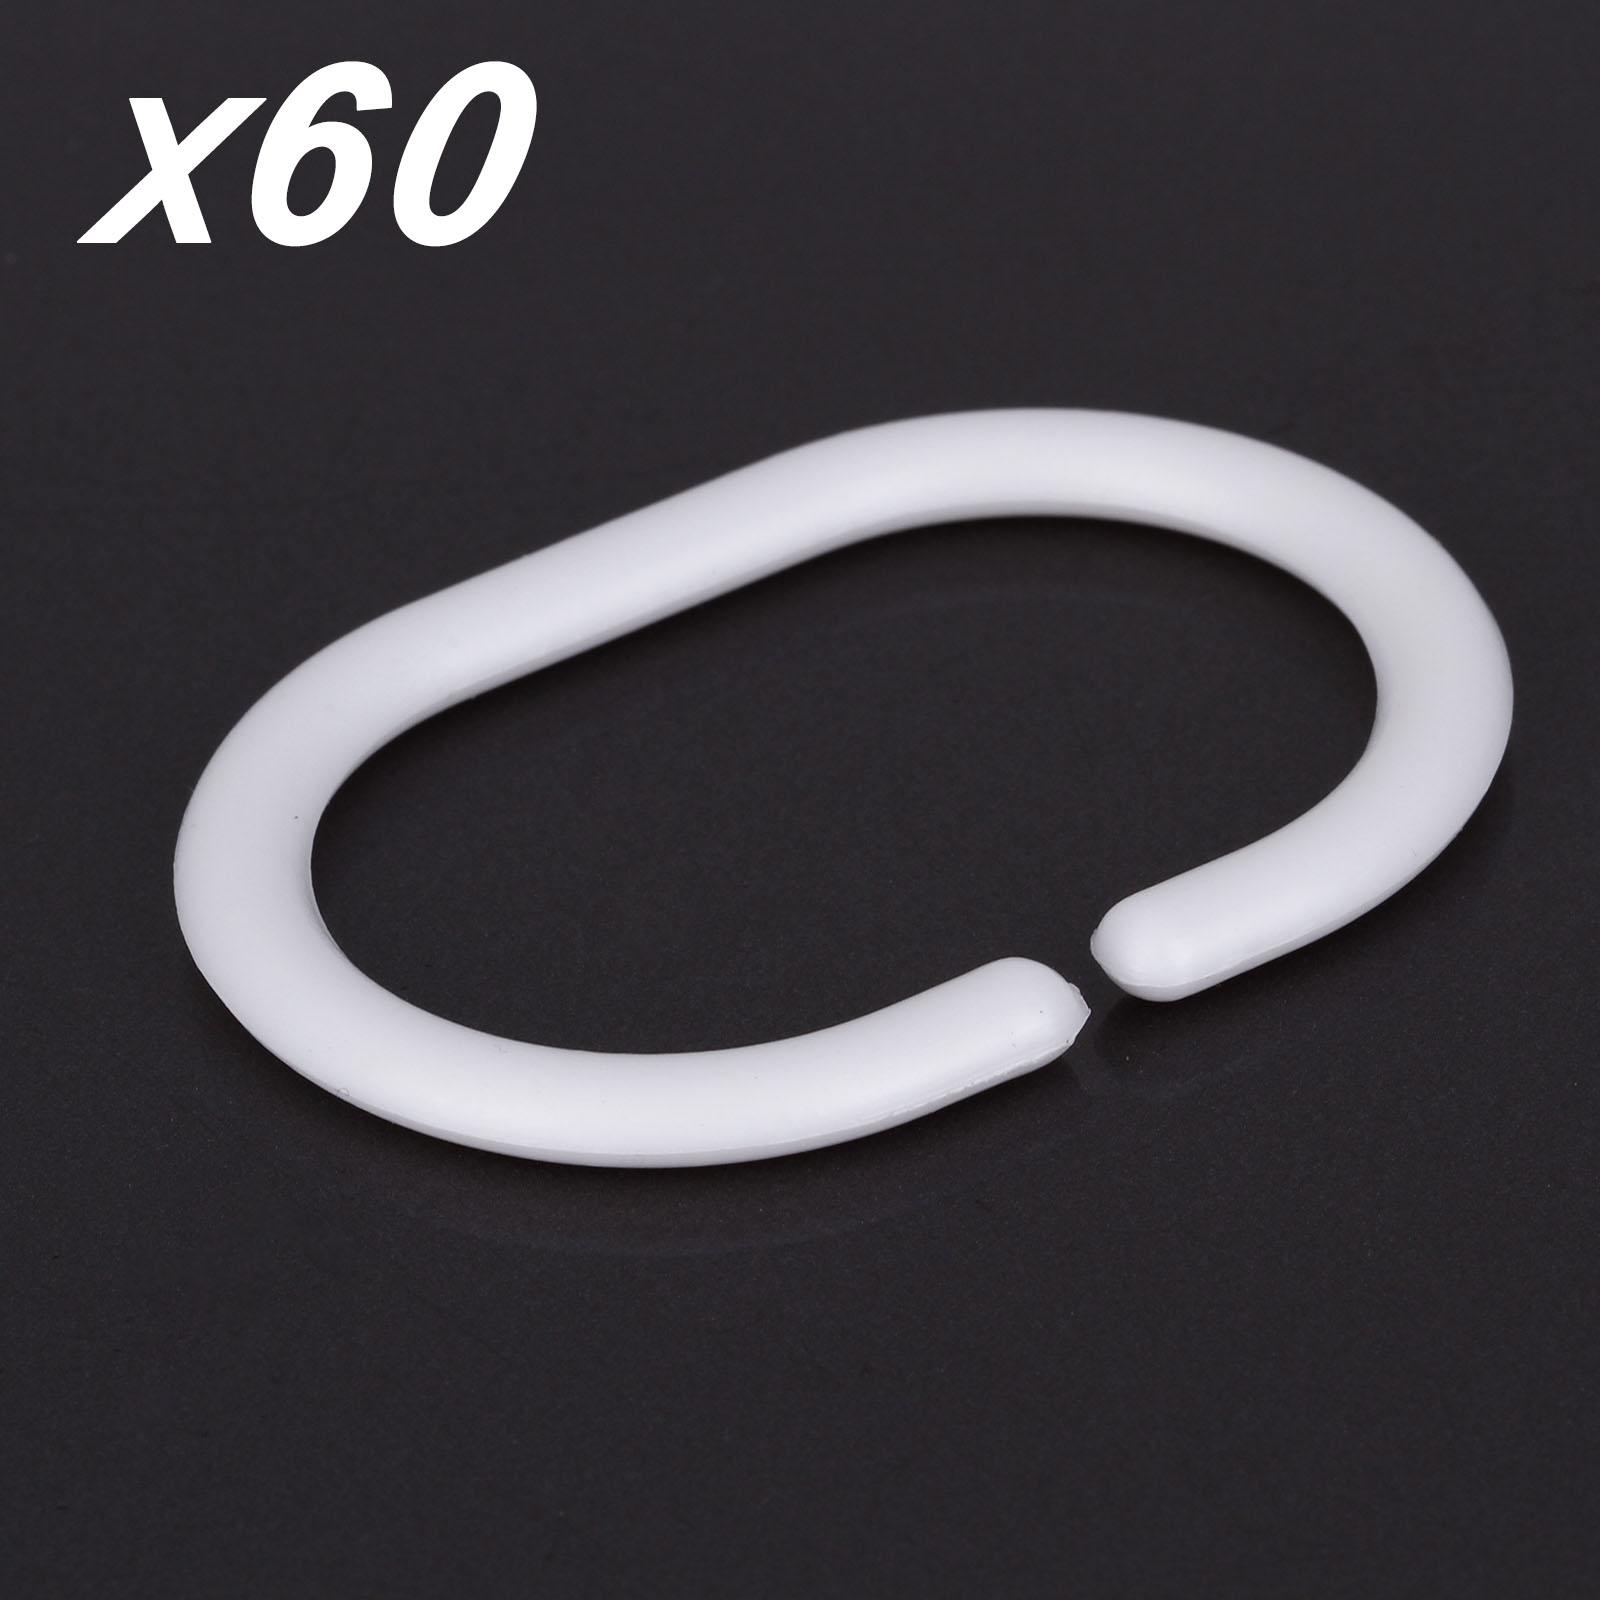 60 Pcs White Plastic Shower Curtain Hooks Rings For Bathroom Shower Rod Ebay